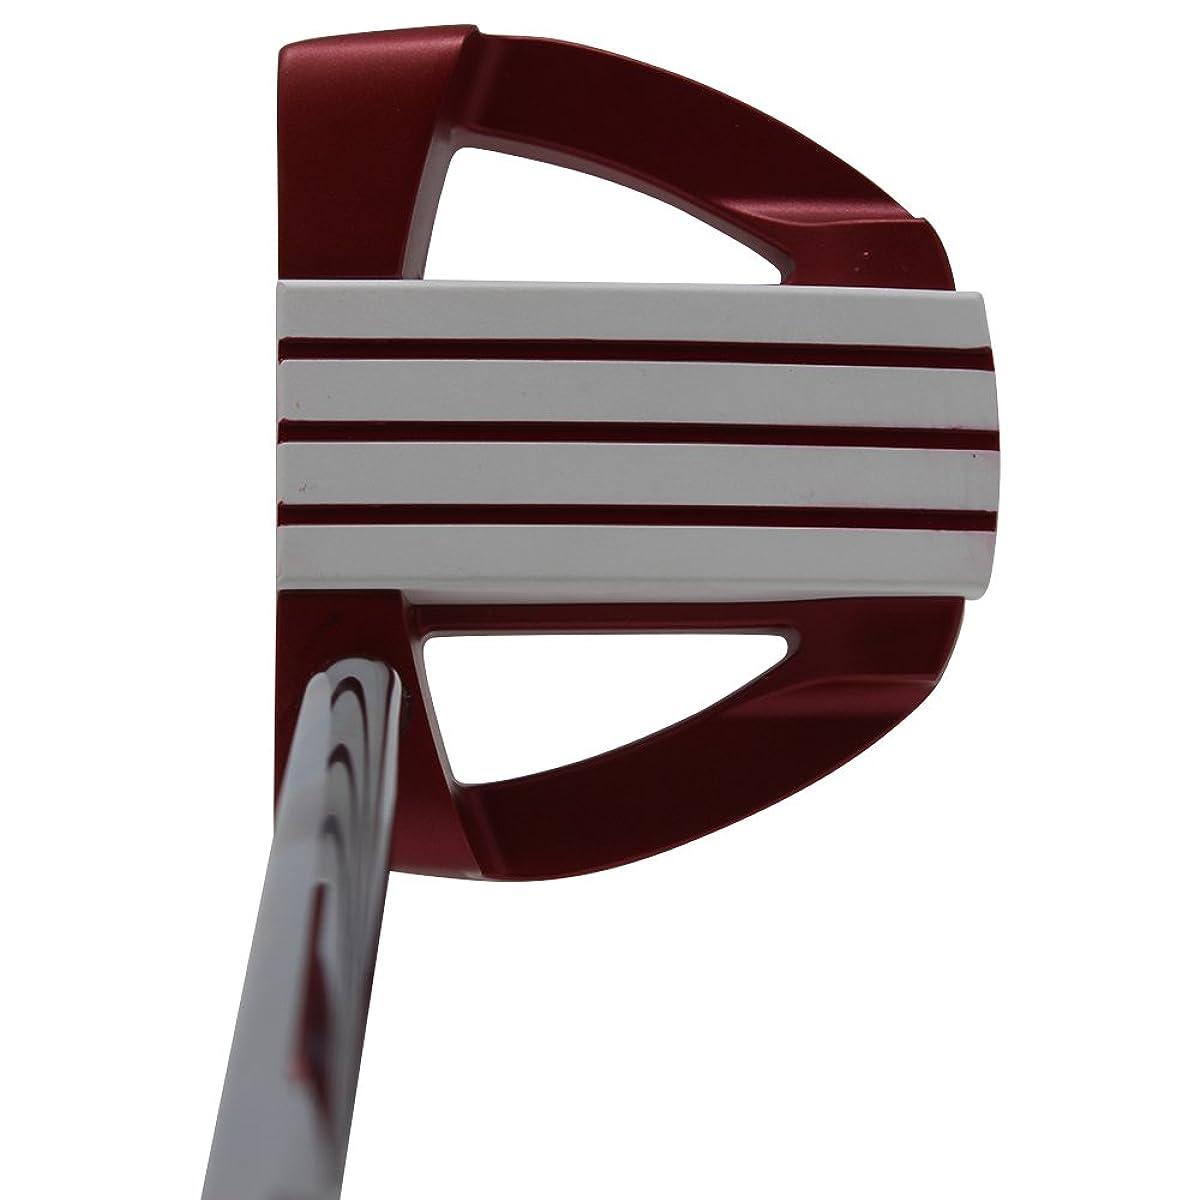 [해외] BIONIK 701레드 골프 퍼터 오른손잡이MALLET스타일WITH선형LINE UP핸드 툴31인치ULTRA 소병LADY 'S PERFECT FOR안감UP YOUR PUTTS